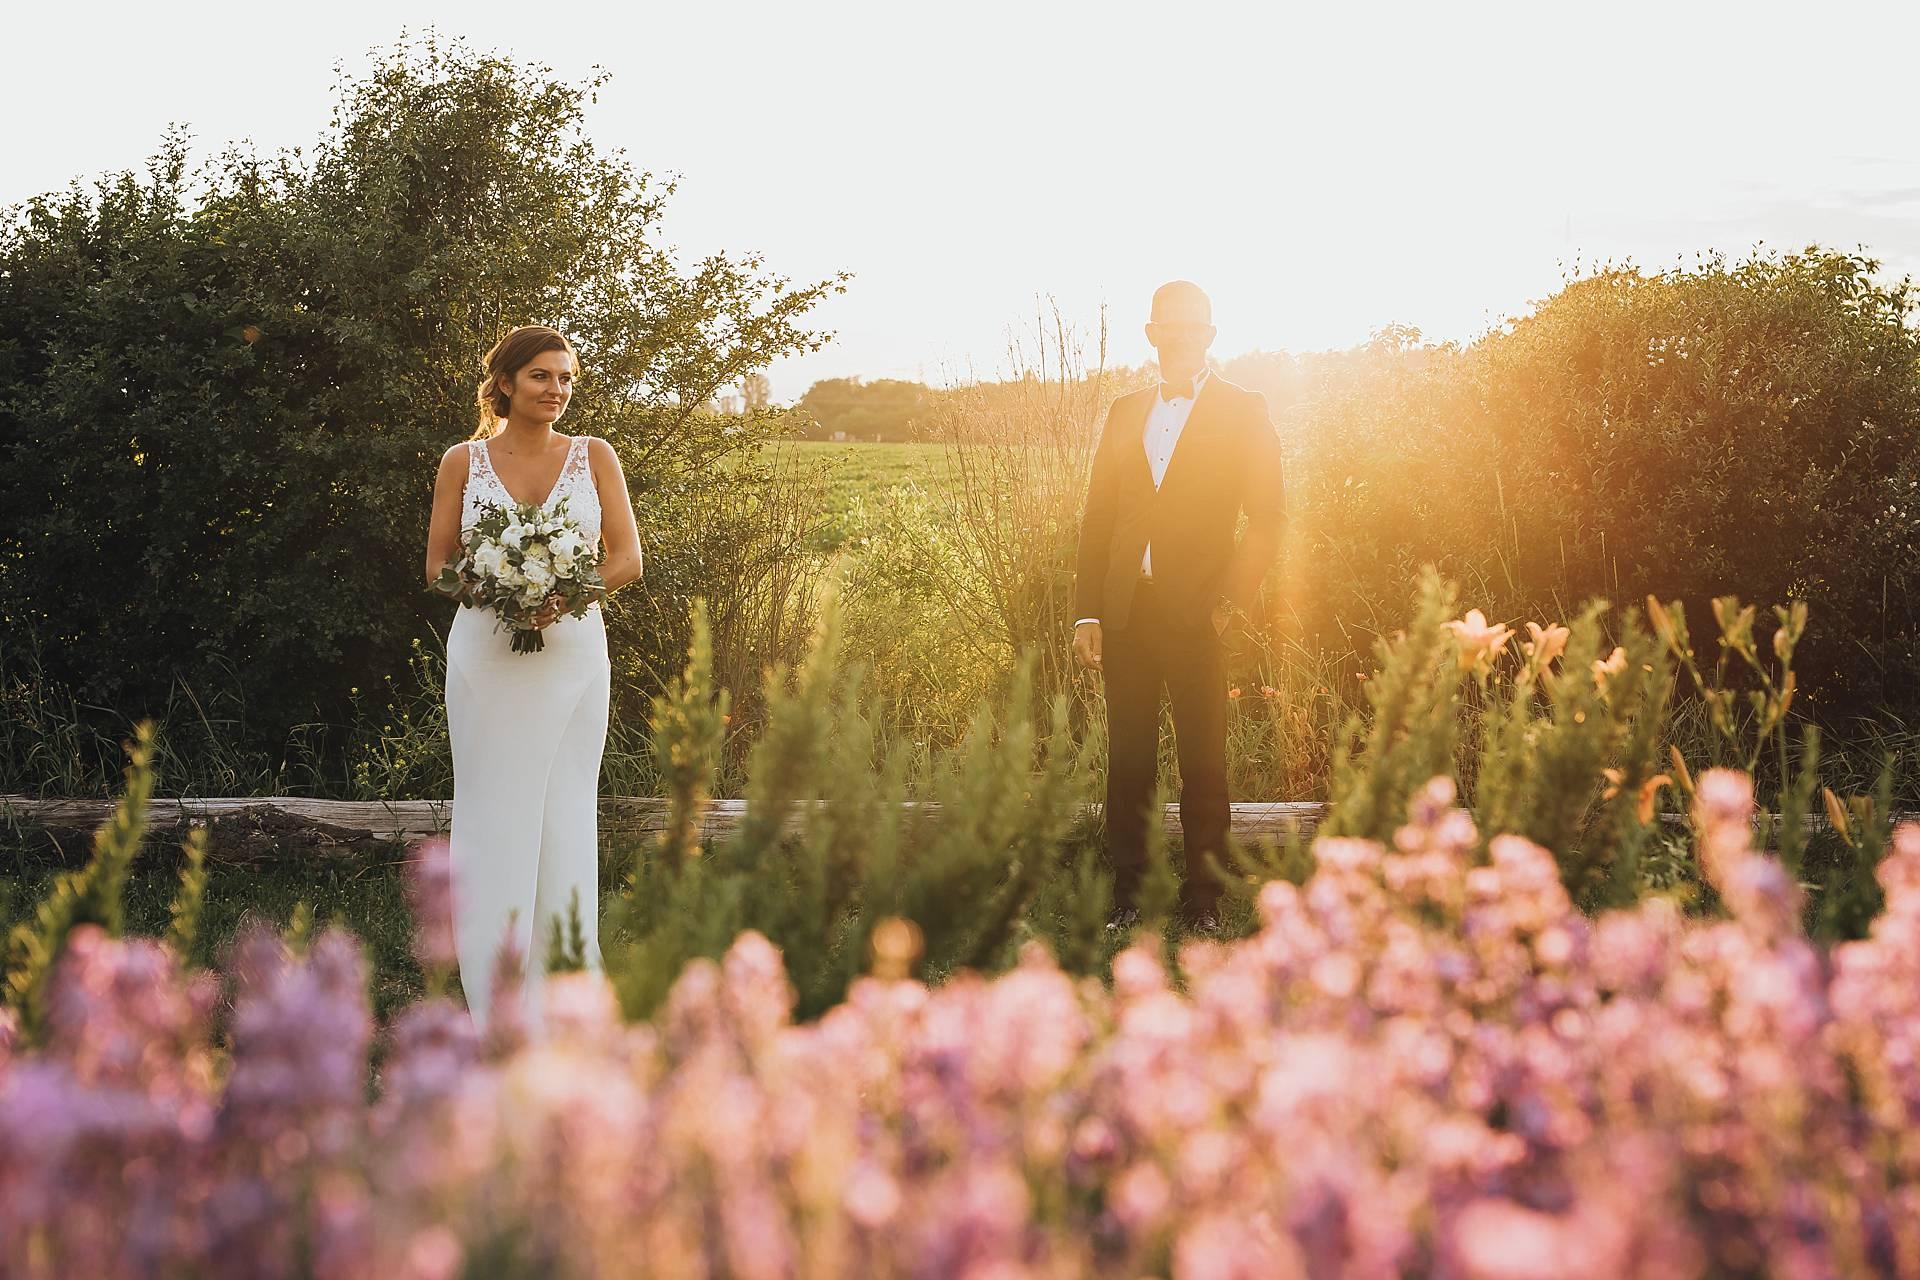 Hochzeitsbilder mit dem Brautpaar.